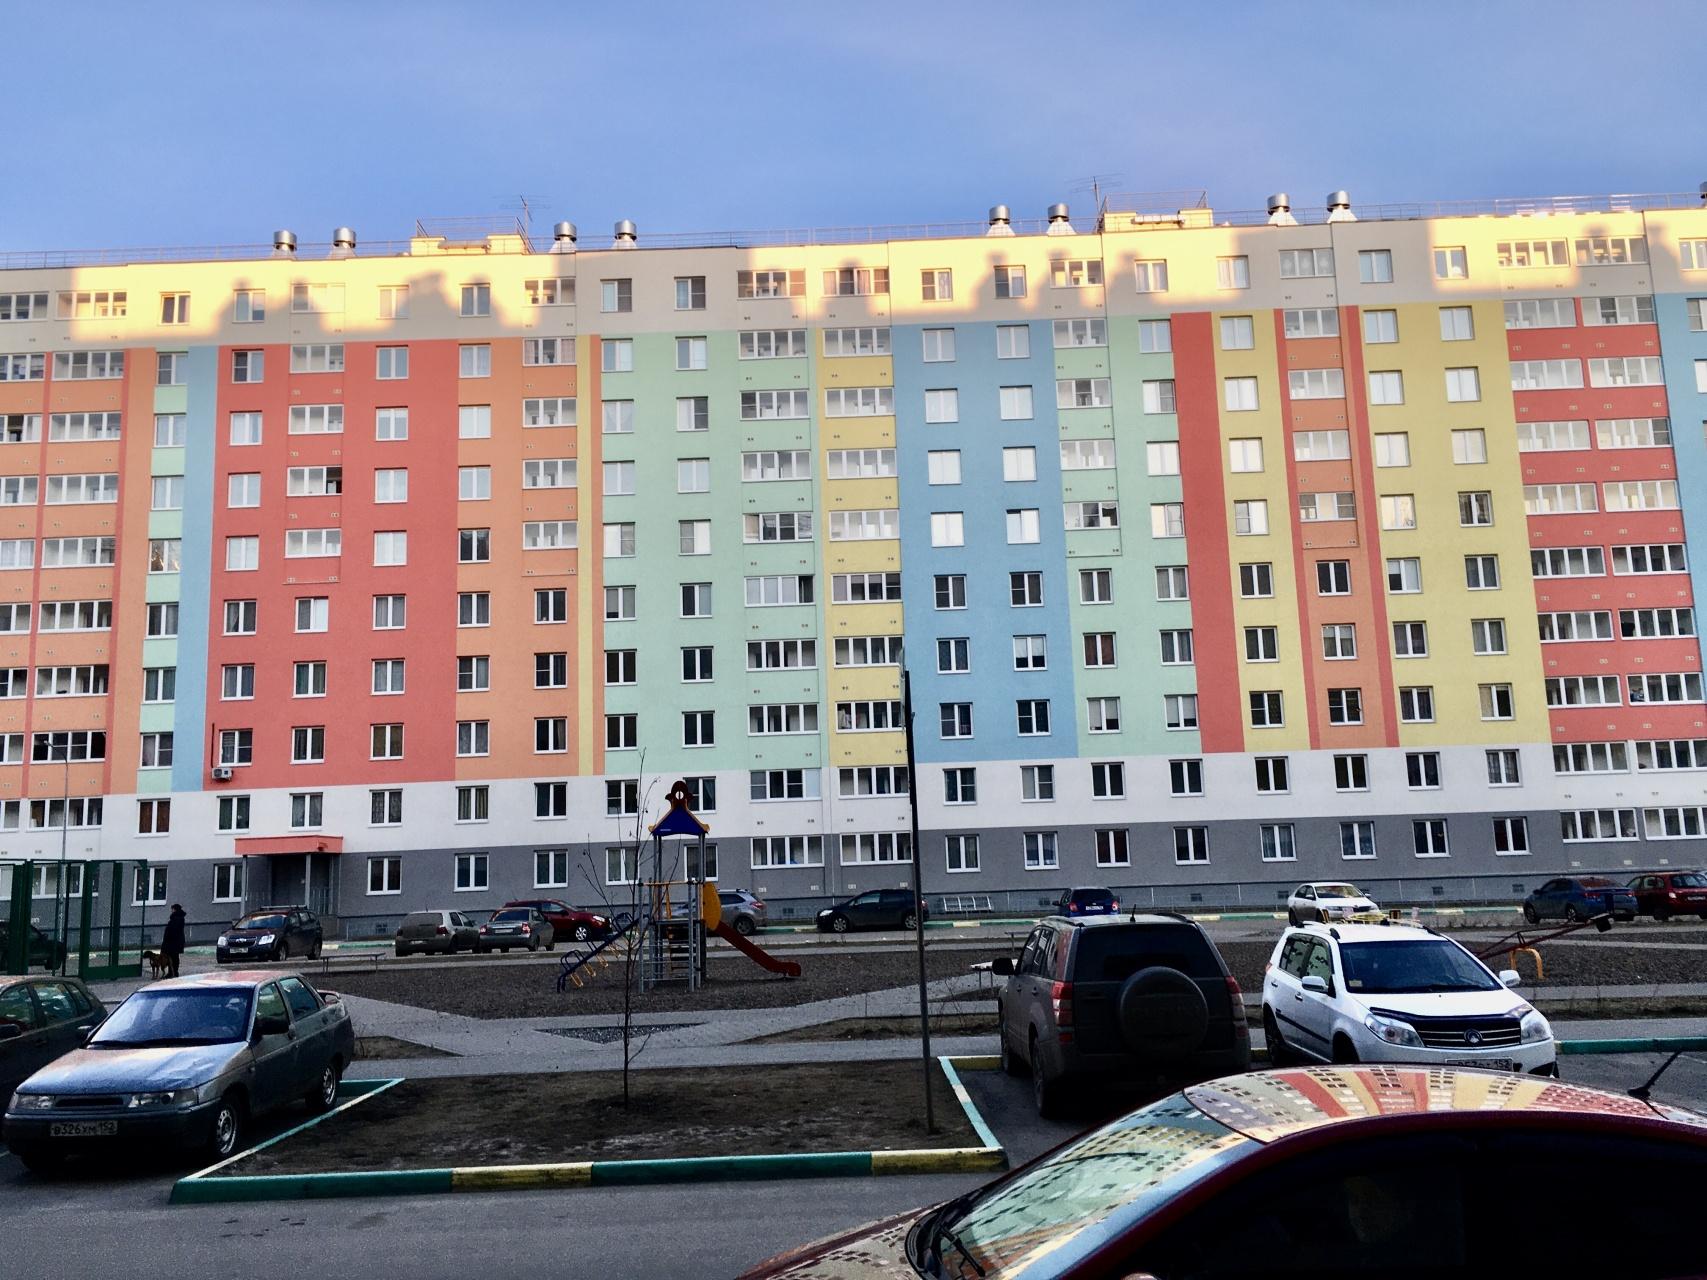 Продажа 1-комнатной квартиры Кораблестроителей проспект, 70, к 2, Нижний Новгород